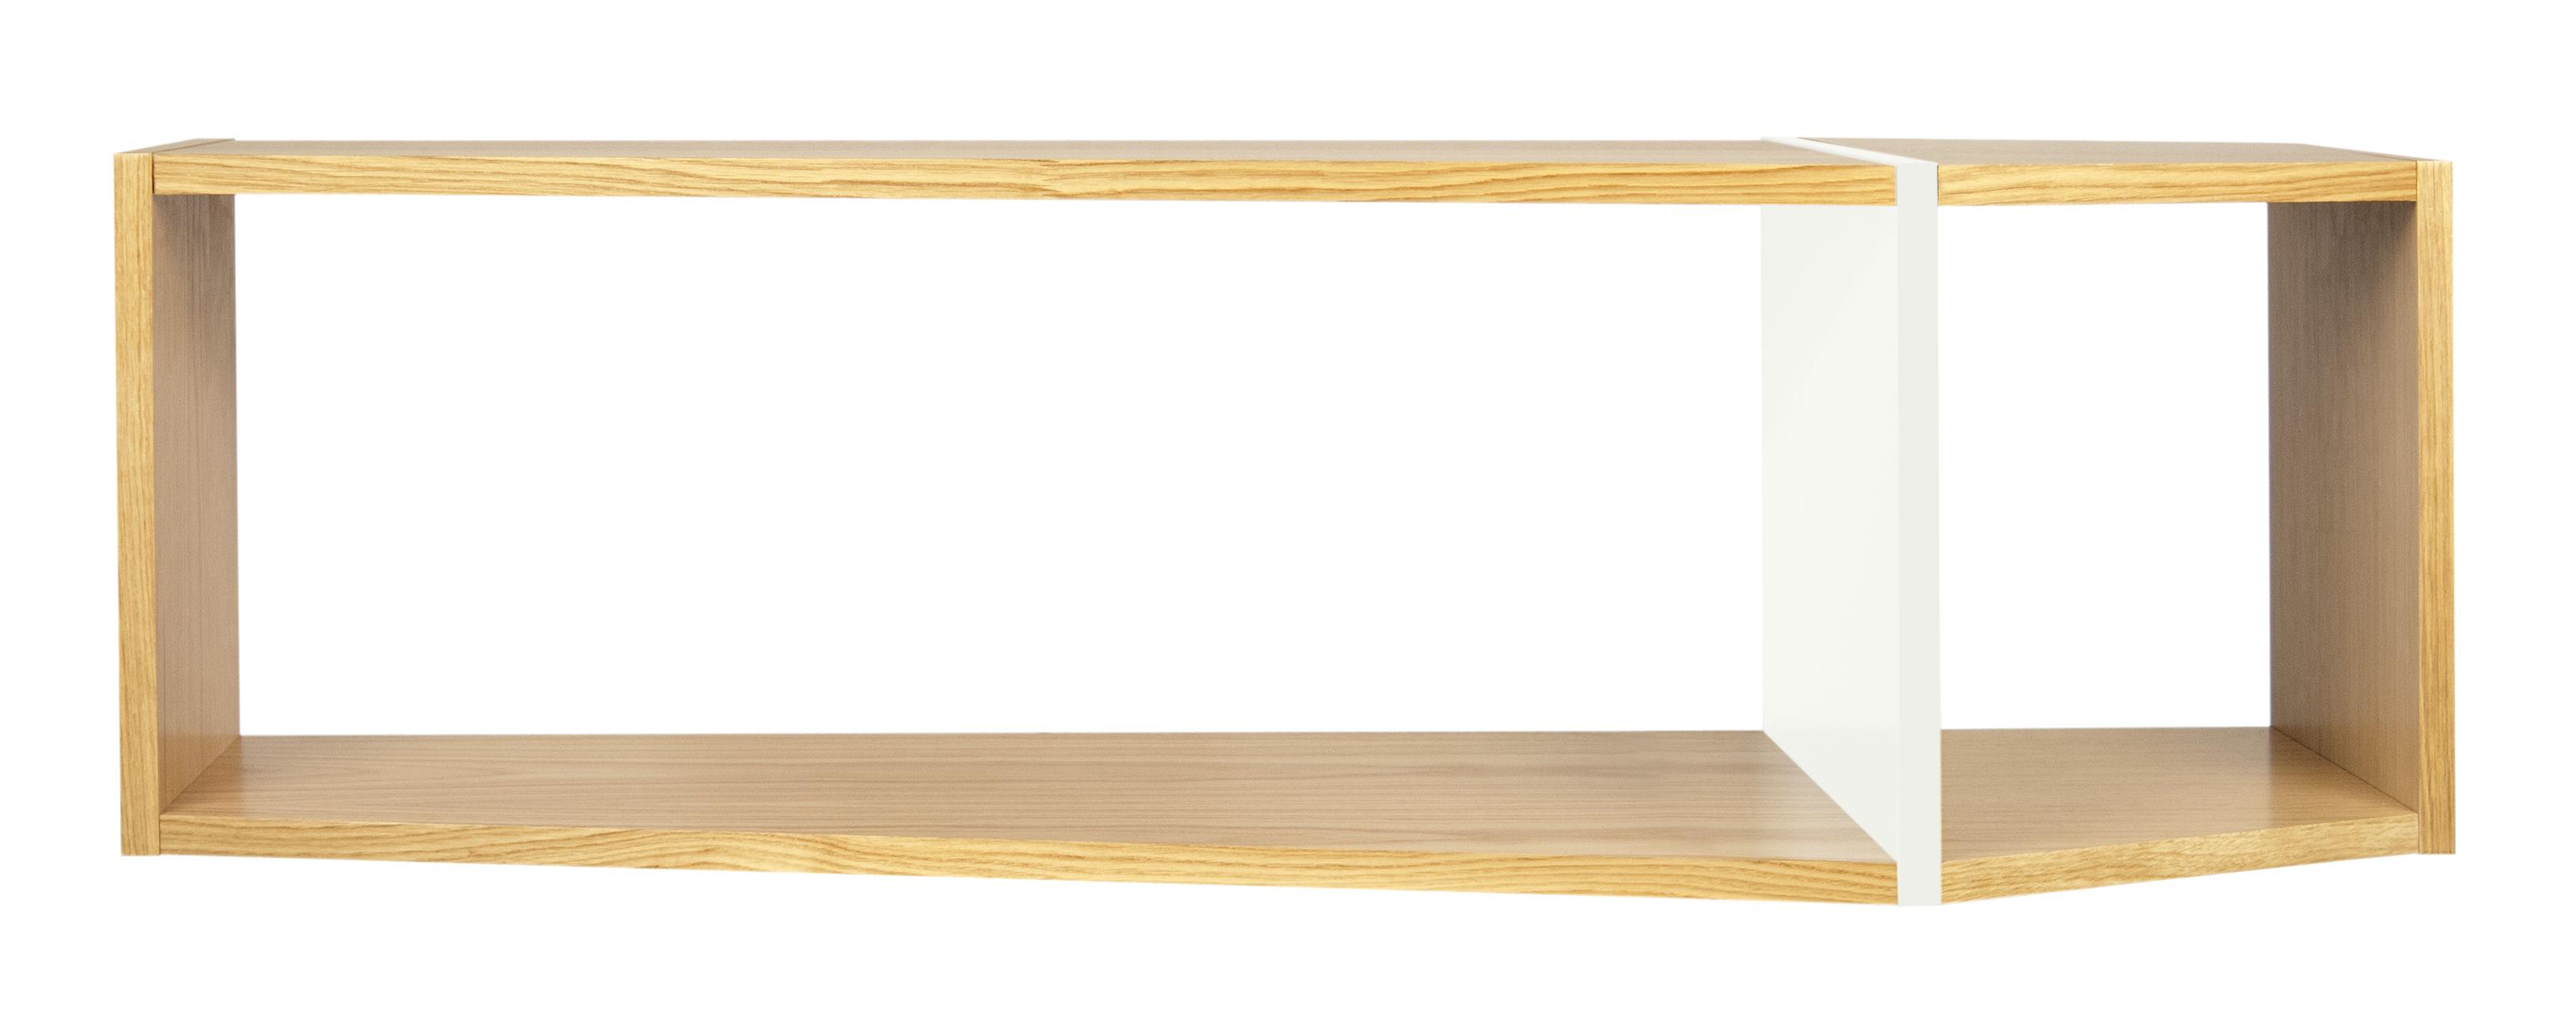 Mobilier - Etagères & bibliothèques - Etagère Rectangular / L 120 x H 35 cm - POP UP HOME - Chêne / blanc - Aggloméré, MDF